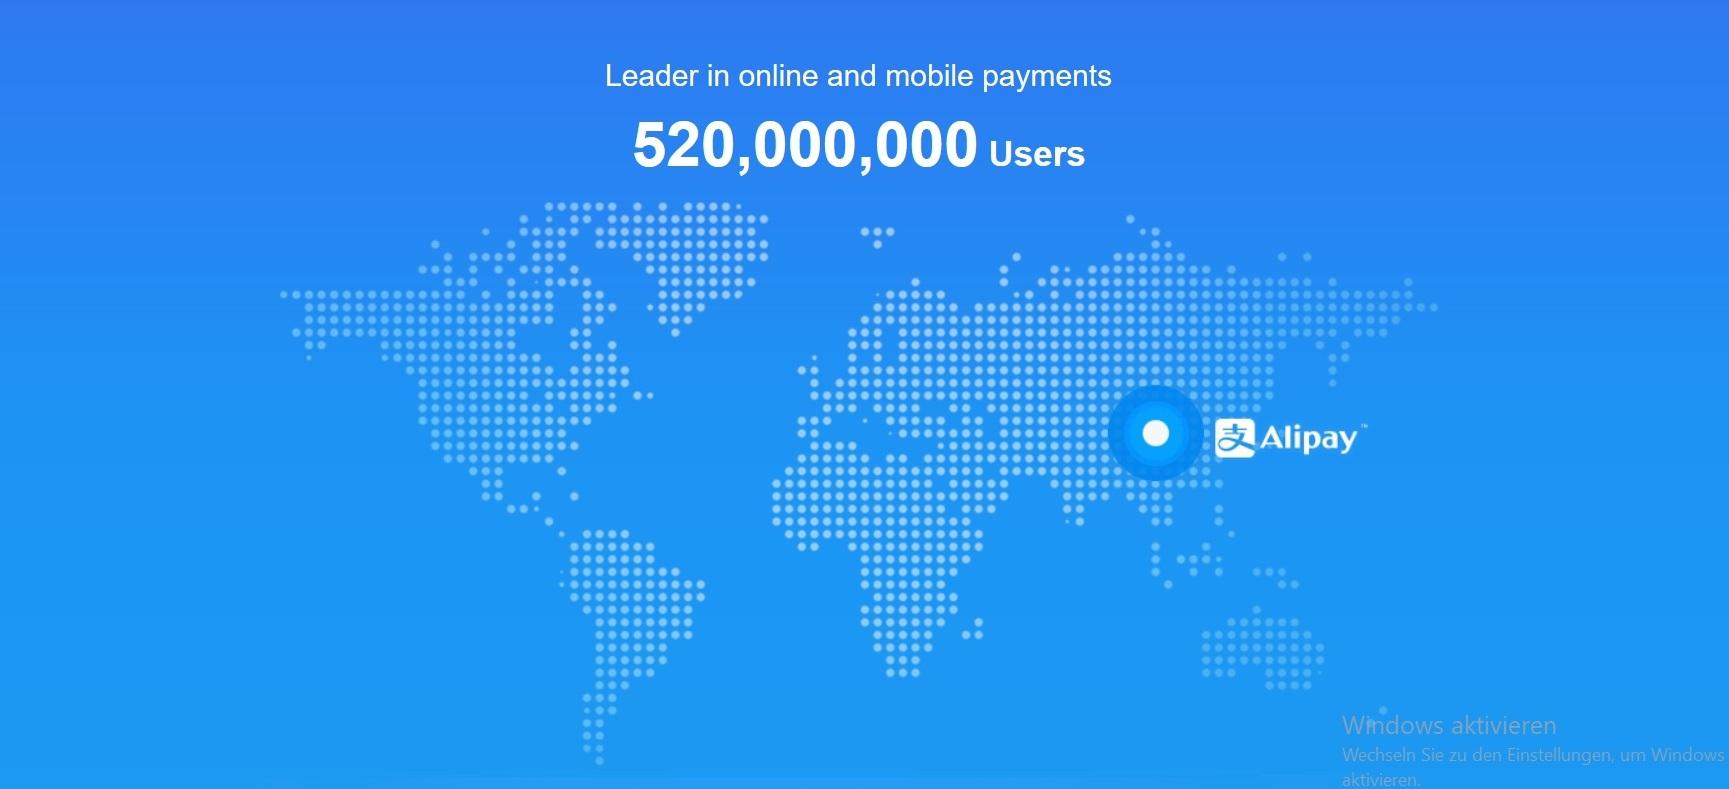 Alipay Garfik Kunden weltweit